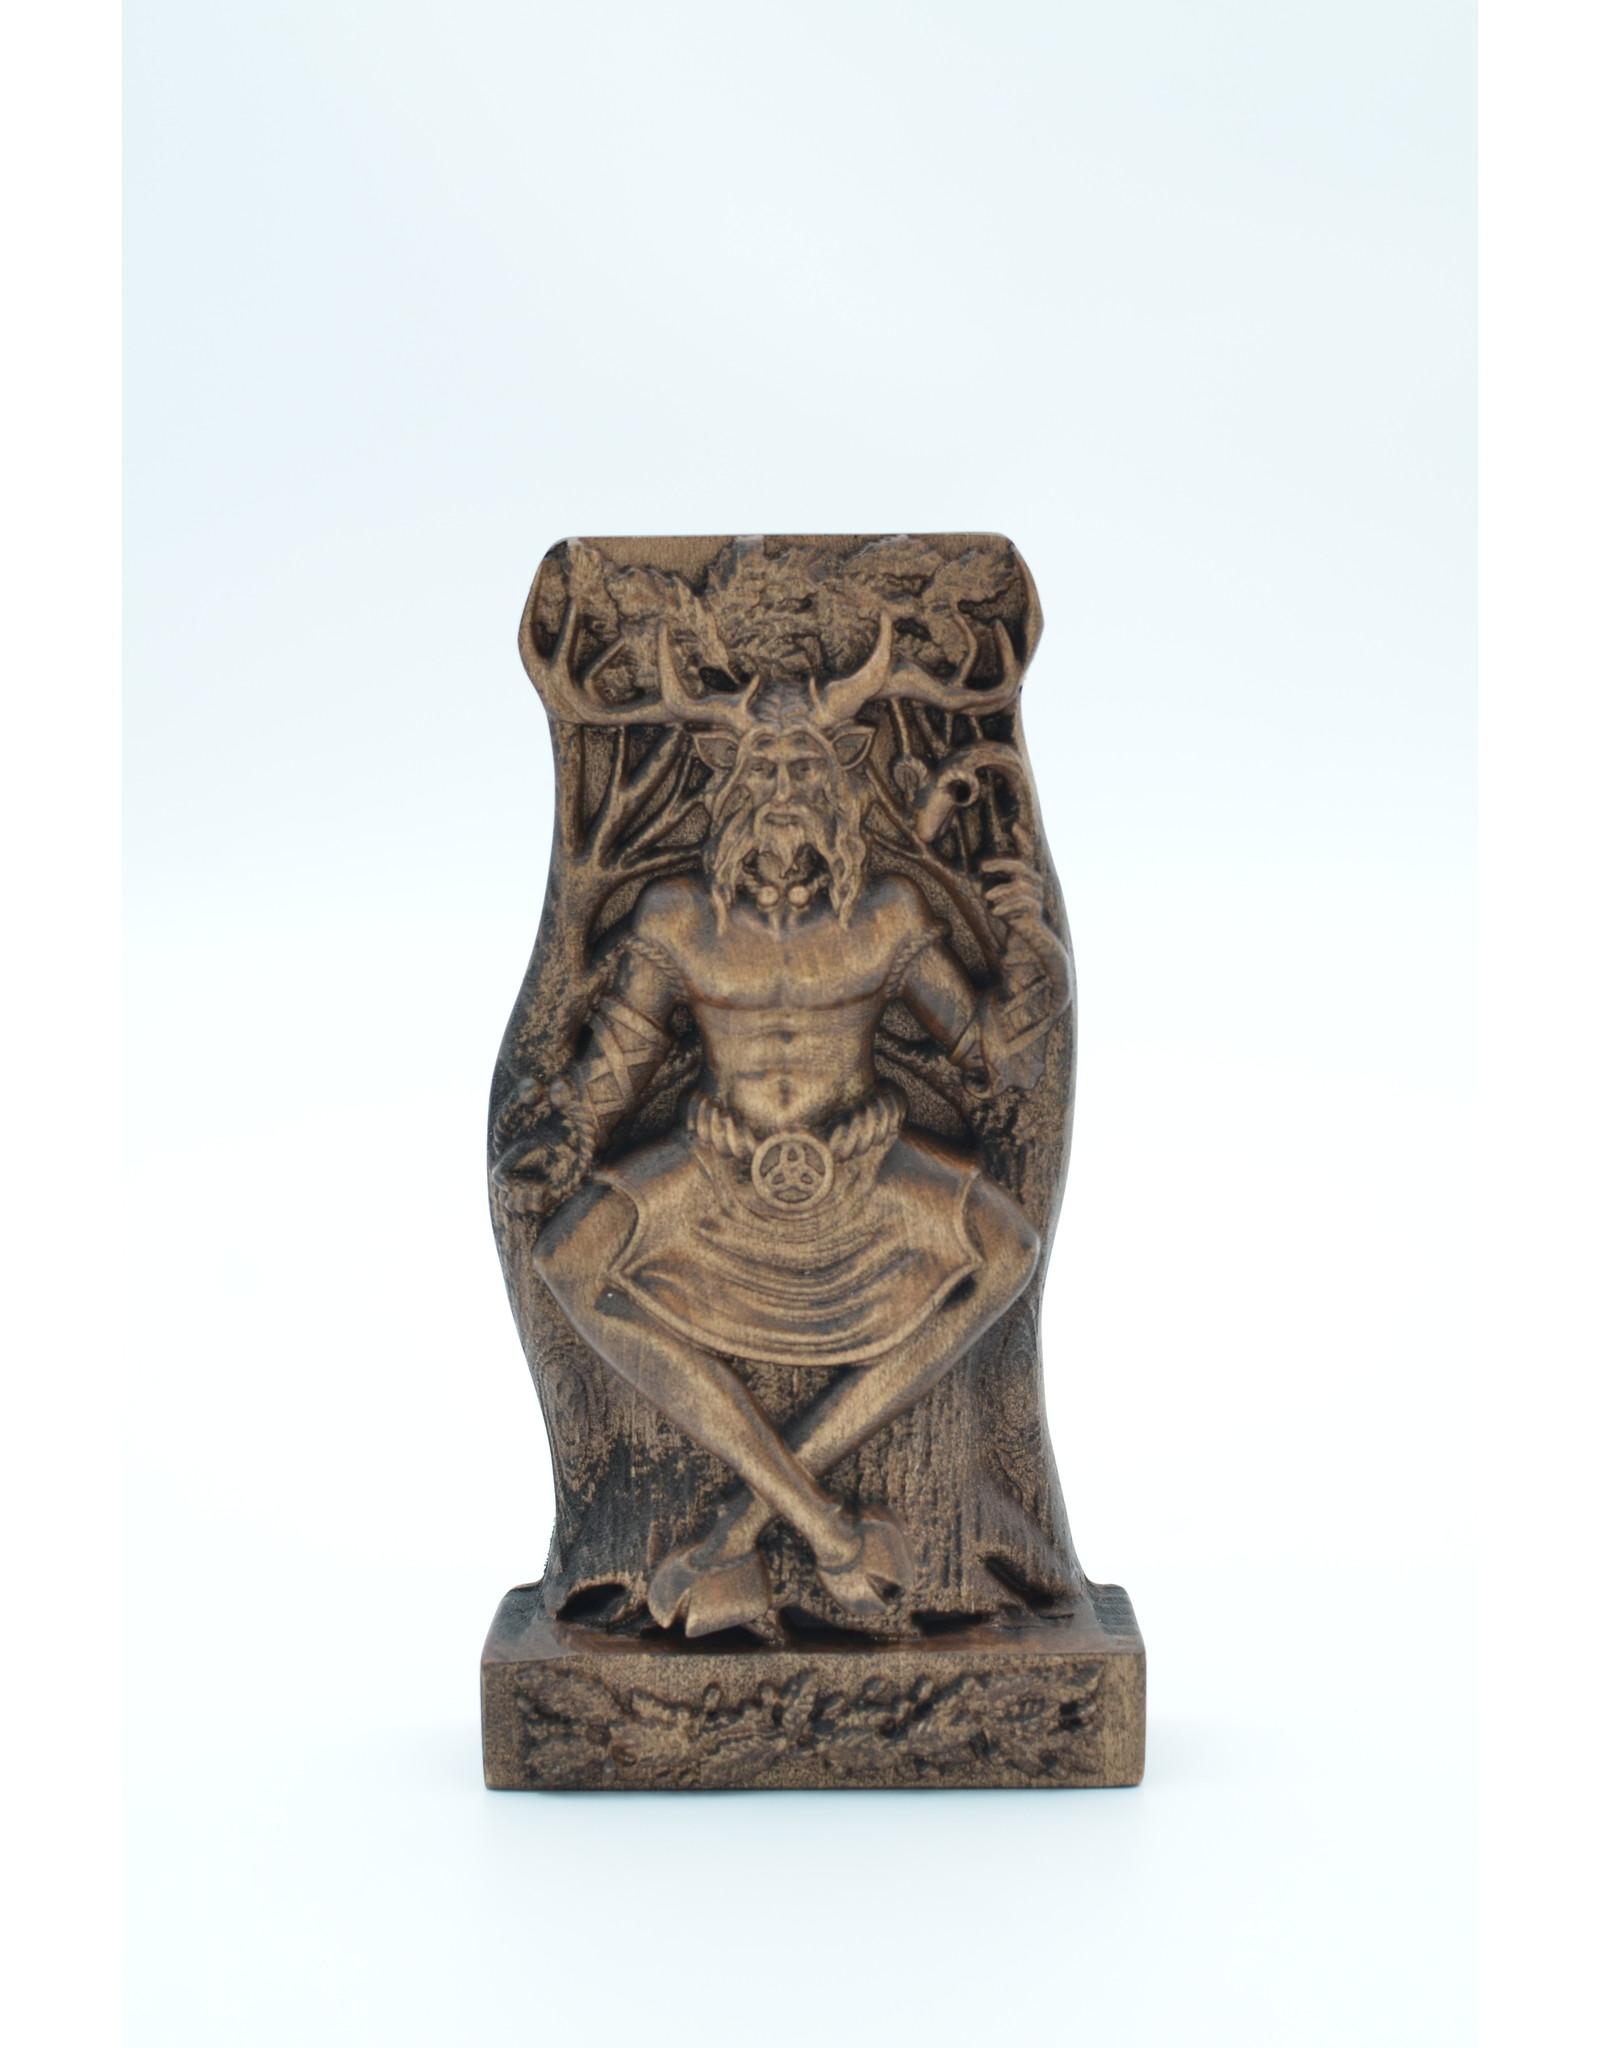 Cernunnos Wooden Statue